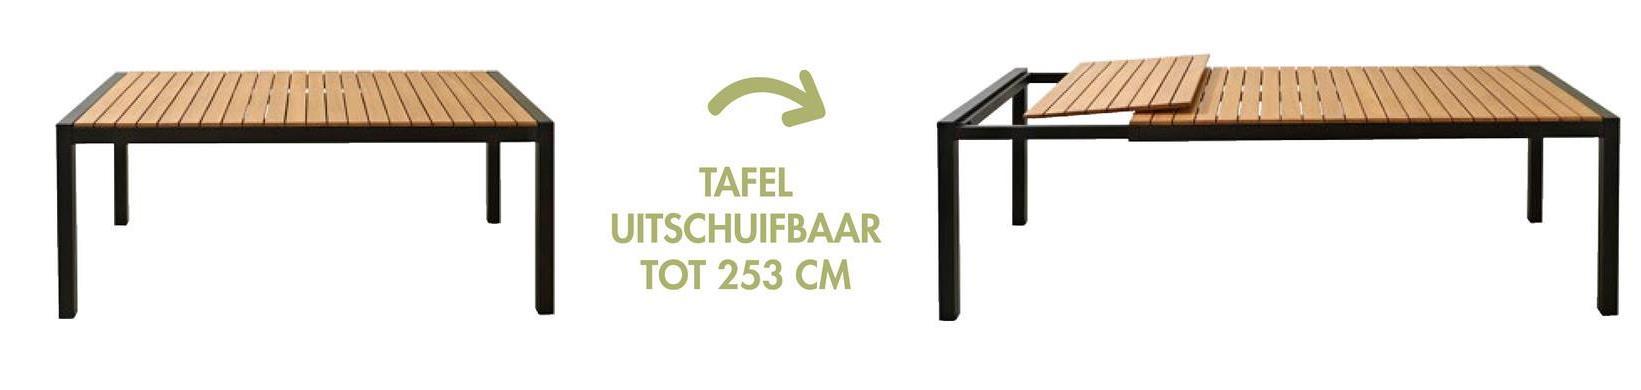 TAFEL UITSCHUIFBAAR TOT 253 CM